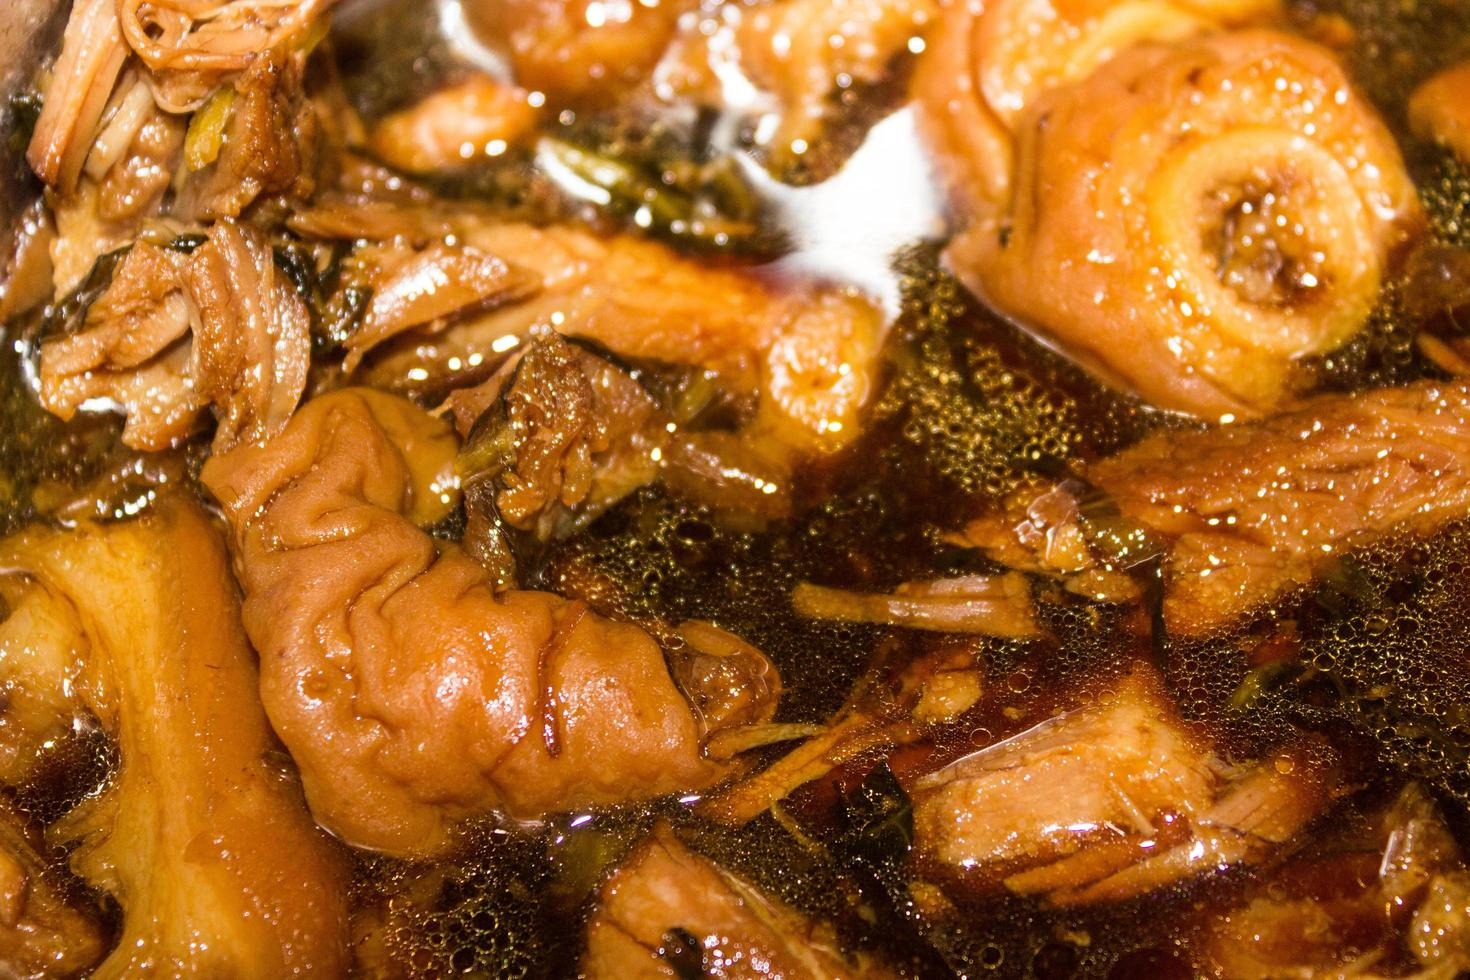 Cuisse de porc cuite dans une soupe photo